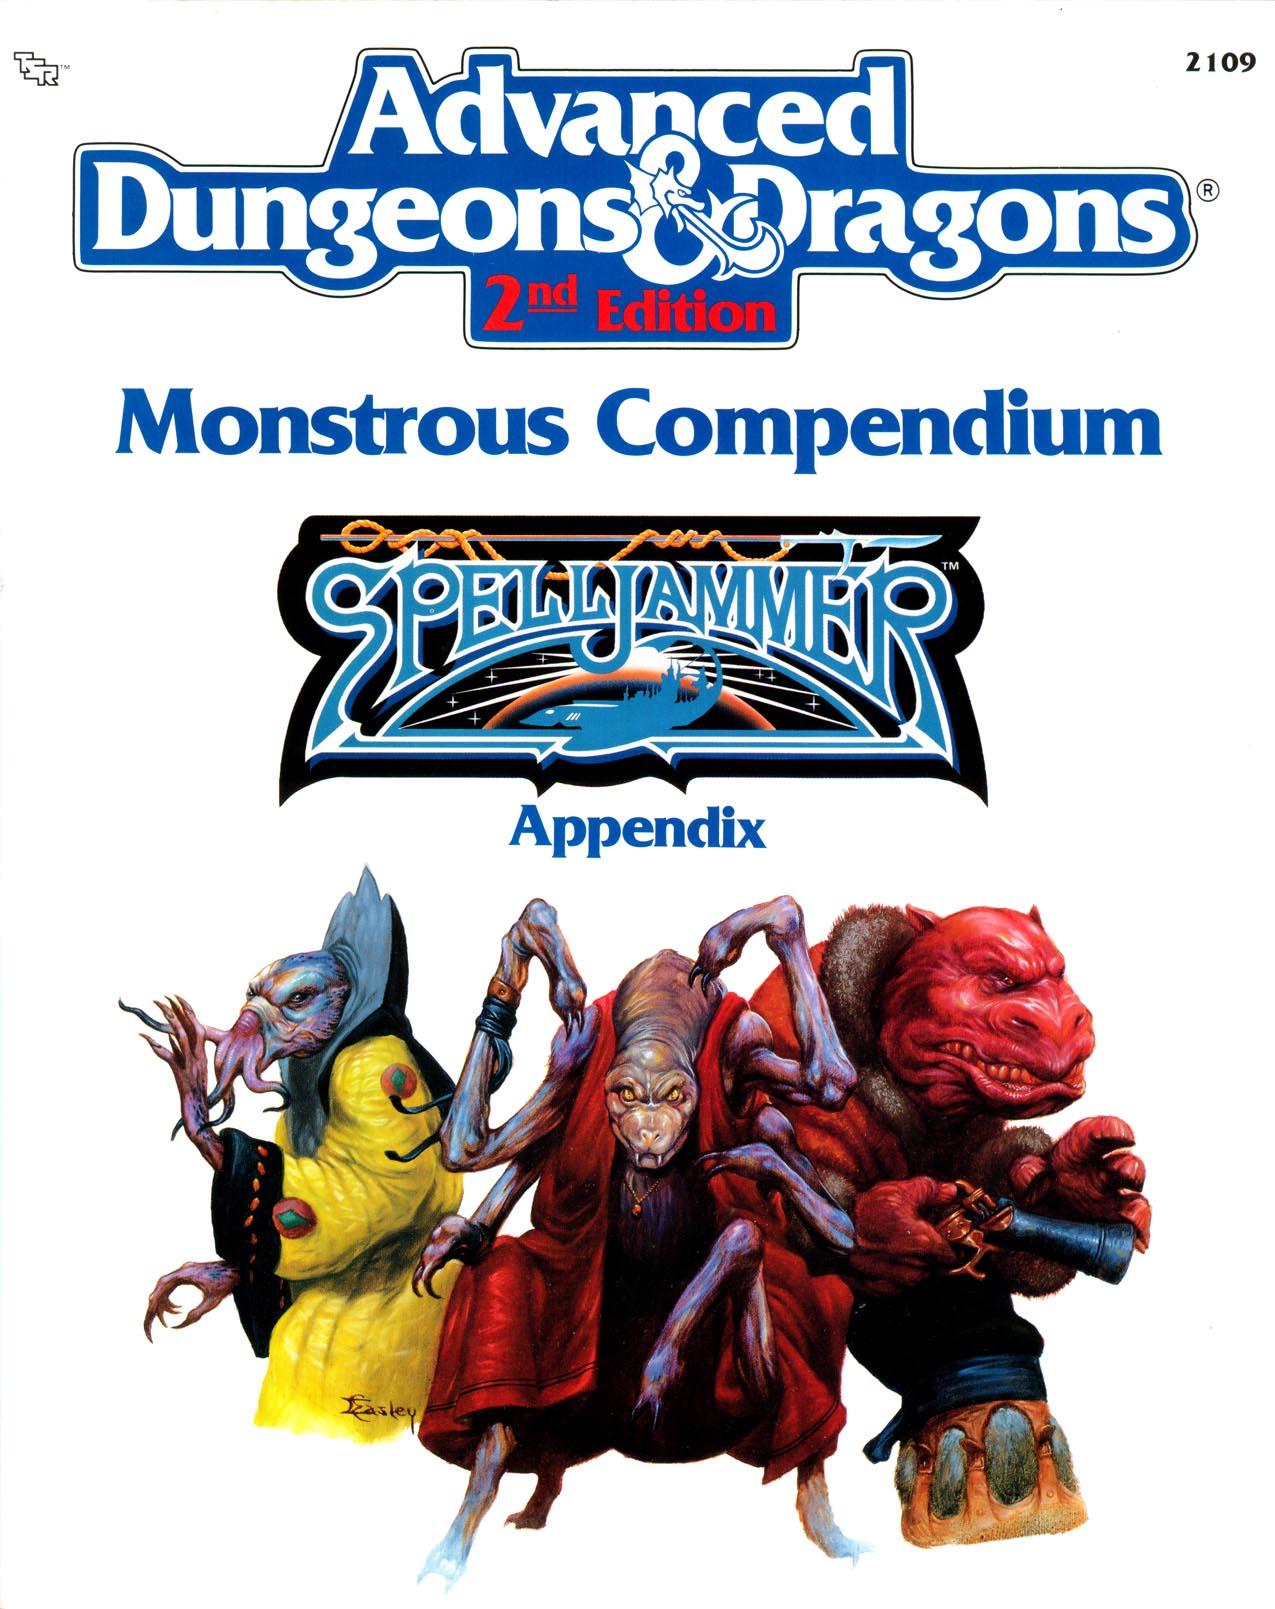 Monstrous Compendium Spelljammer Appendix 1